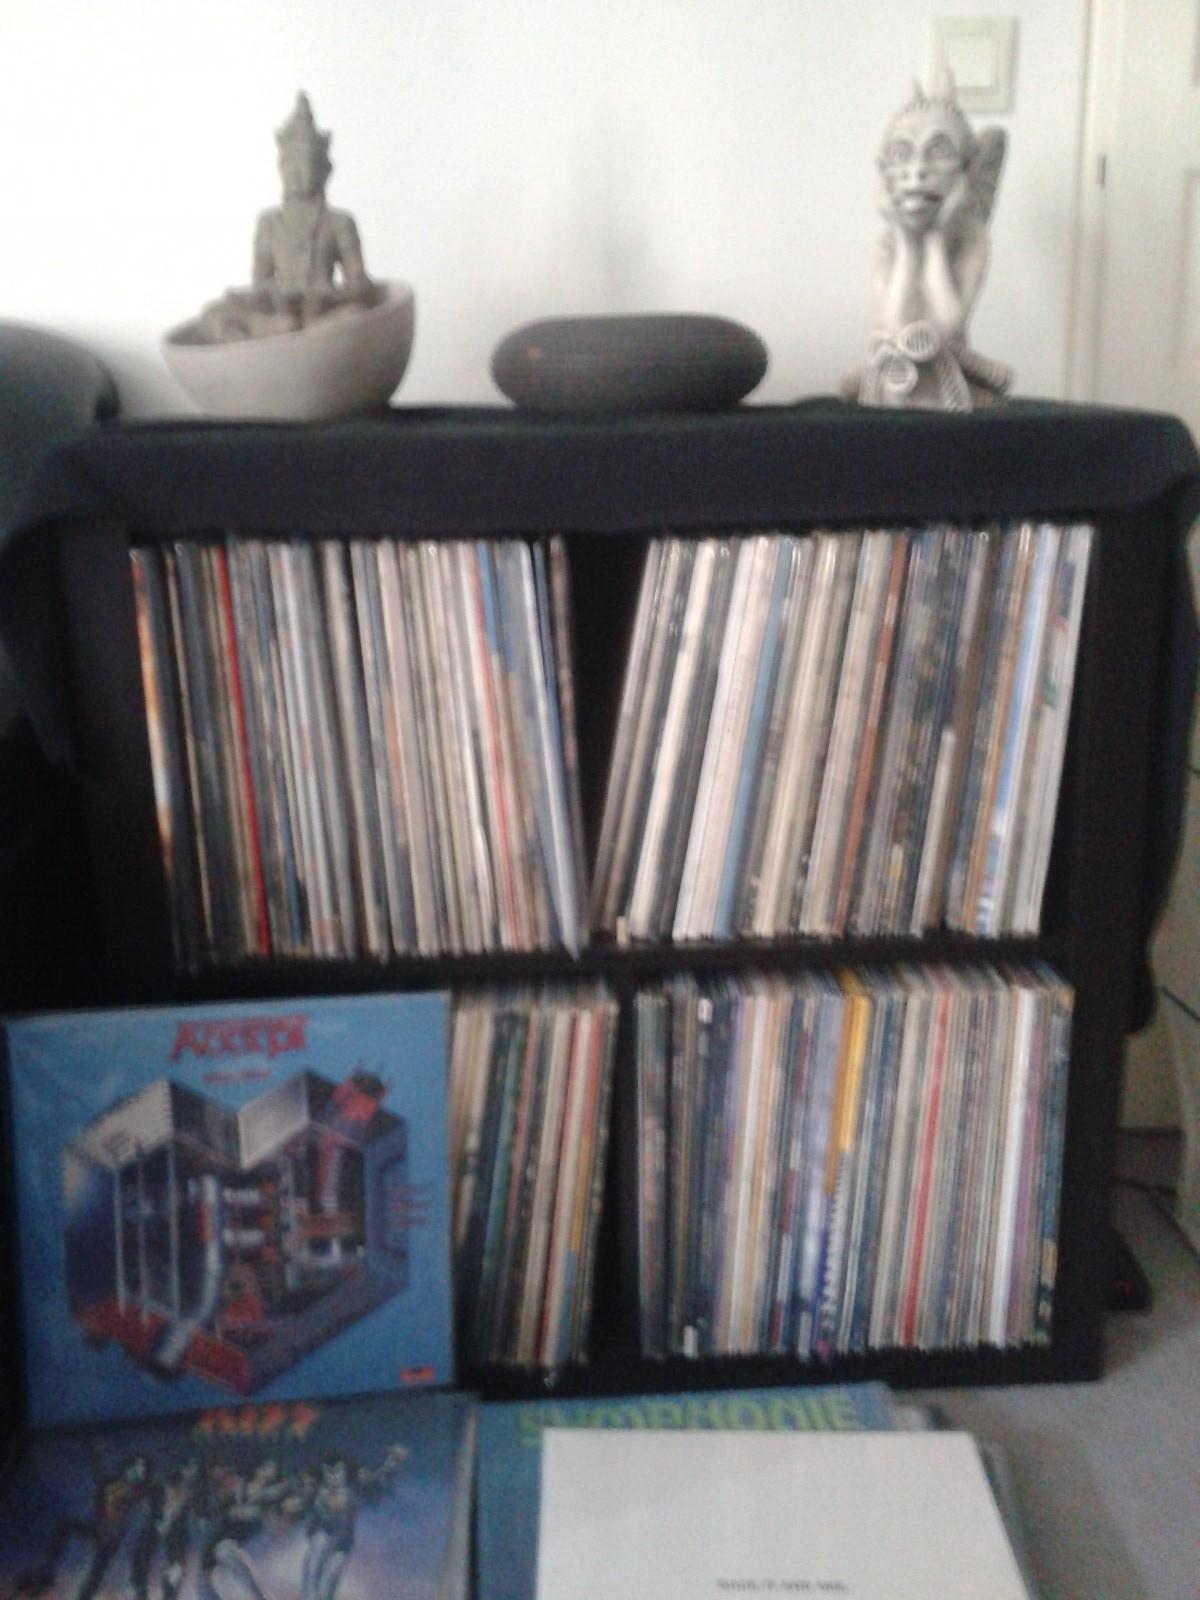 Expedit pour ranger ses vinyles